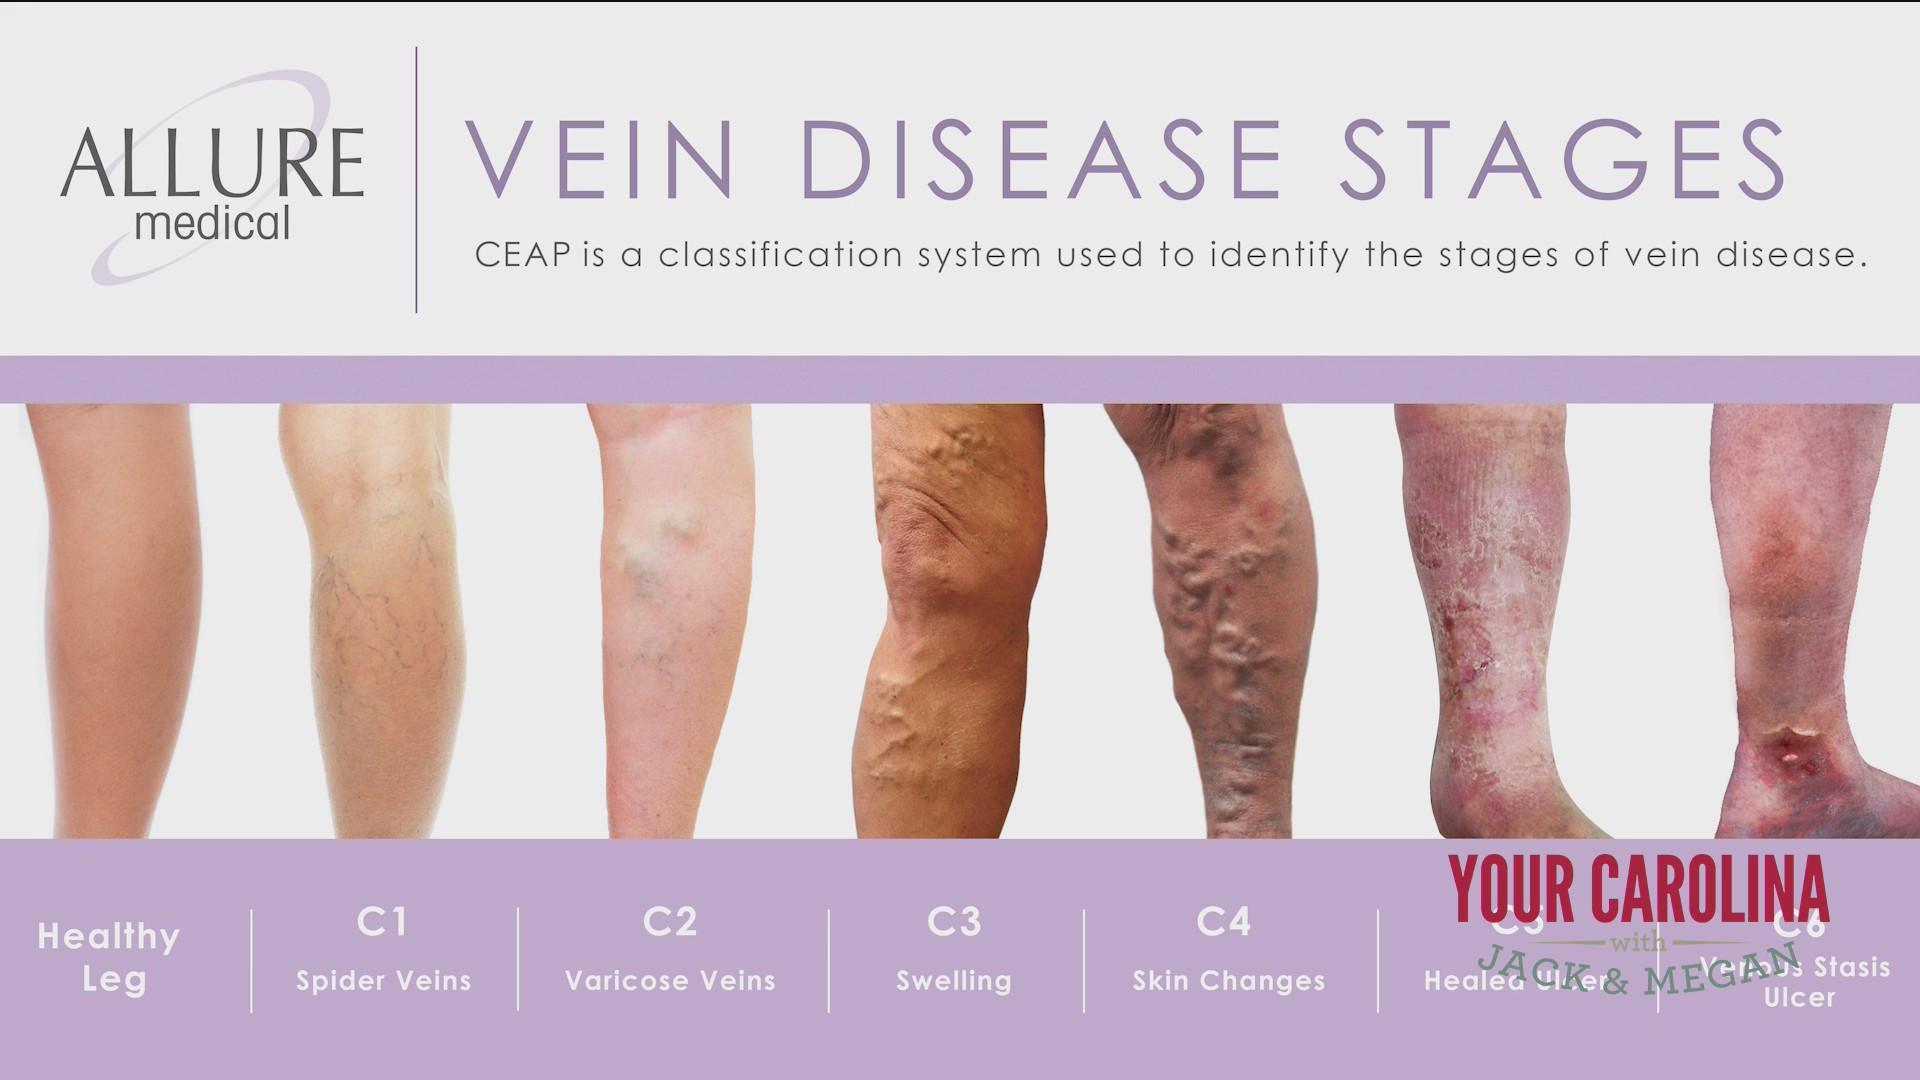 Allure Medical - Vein Disease